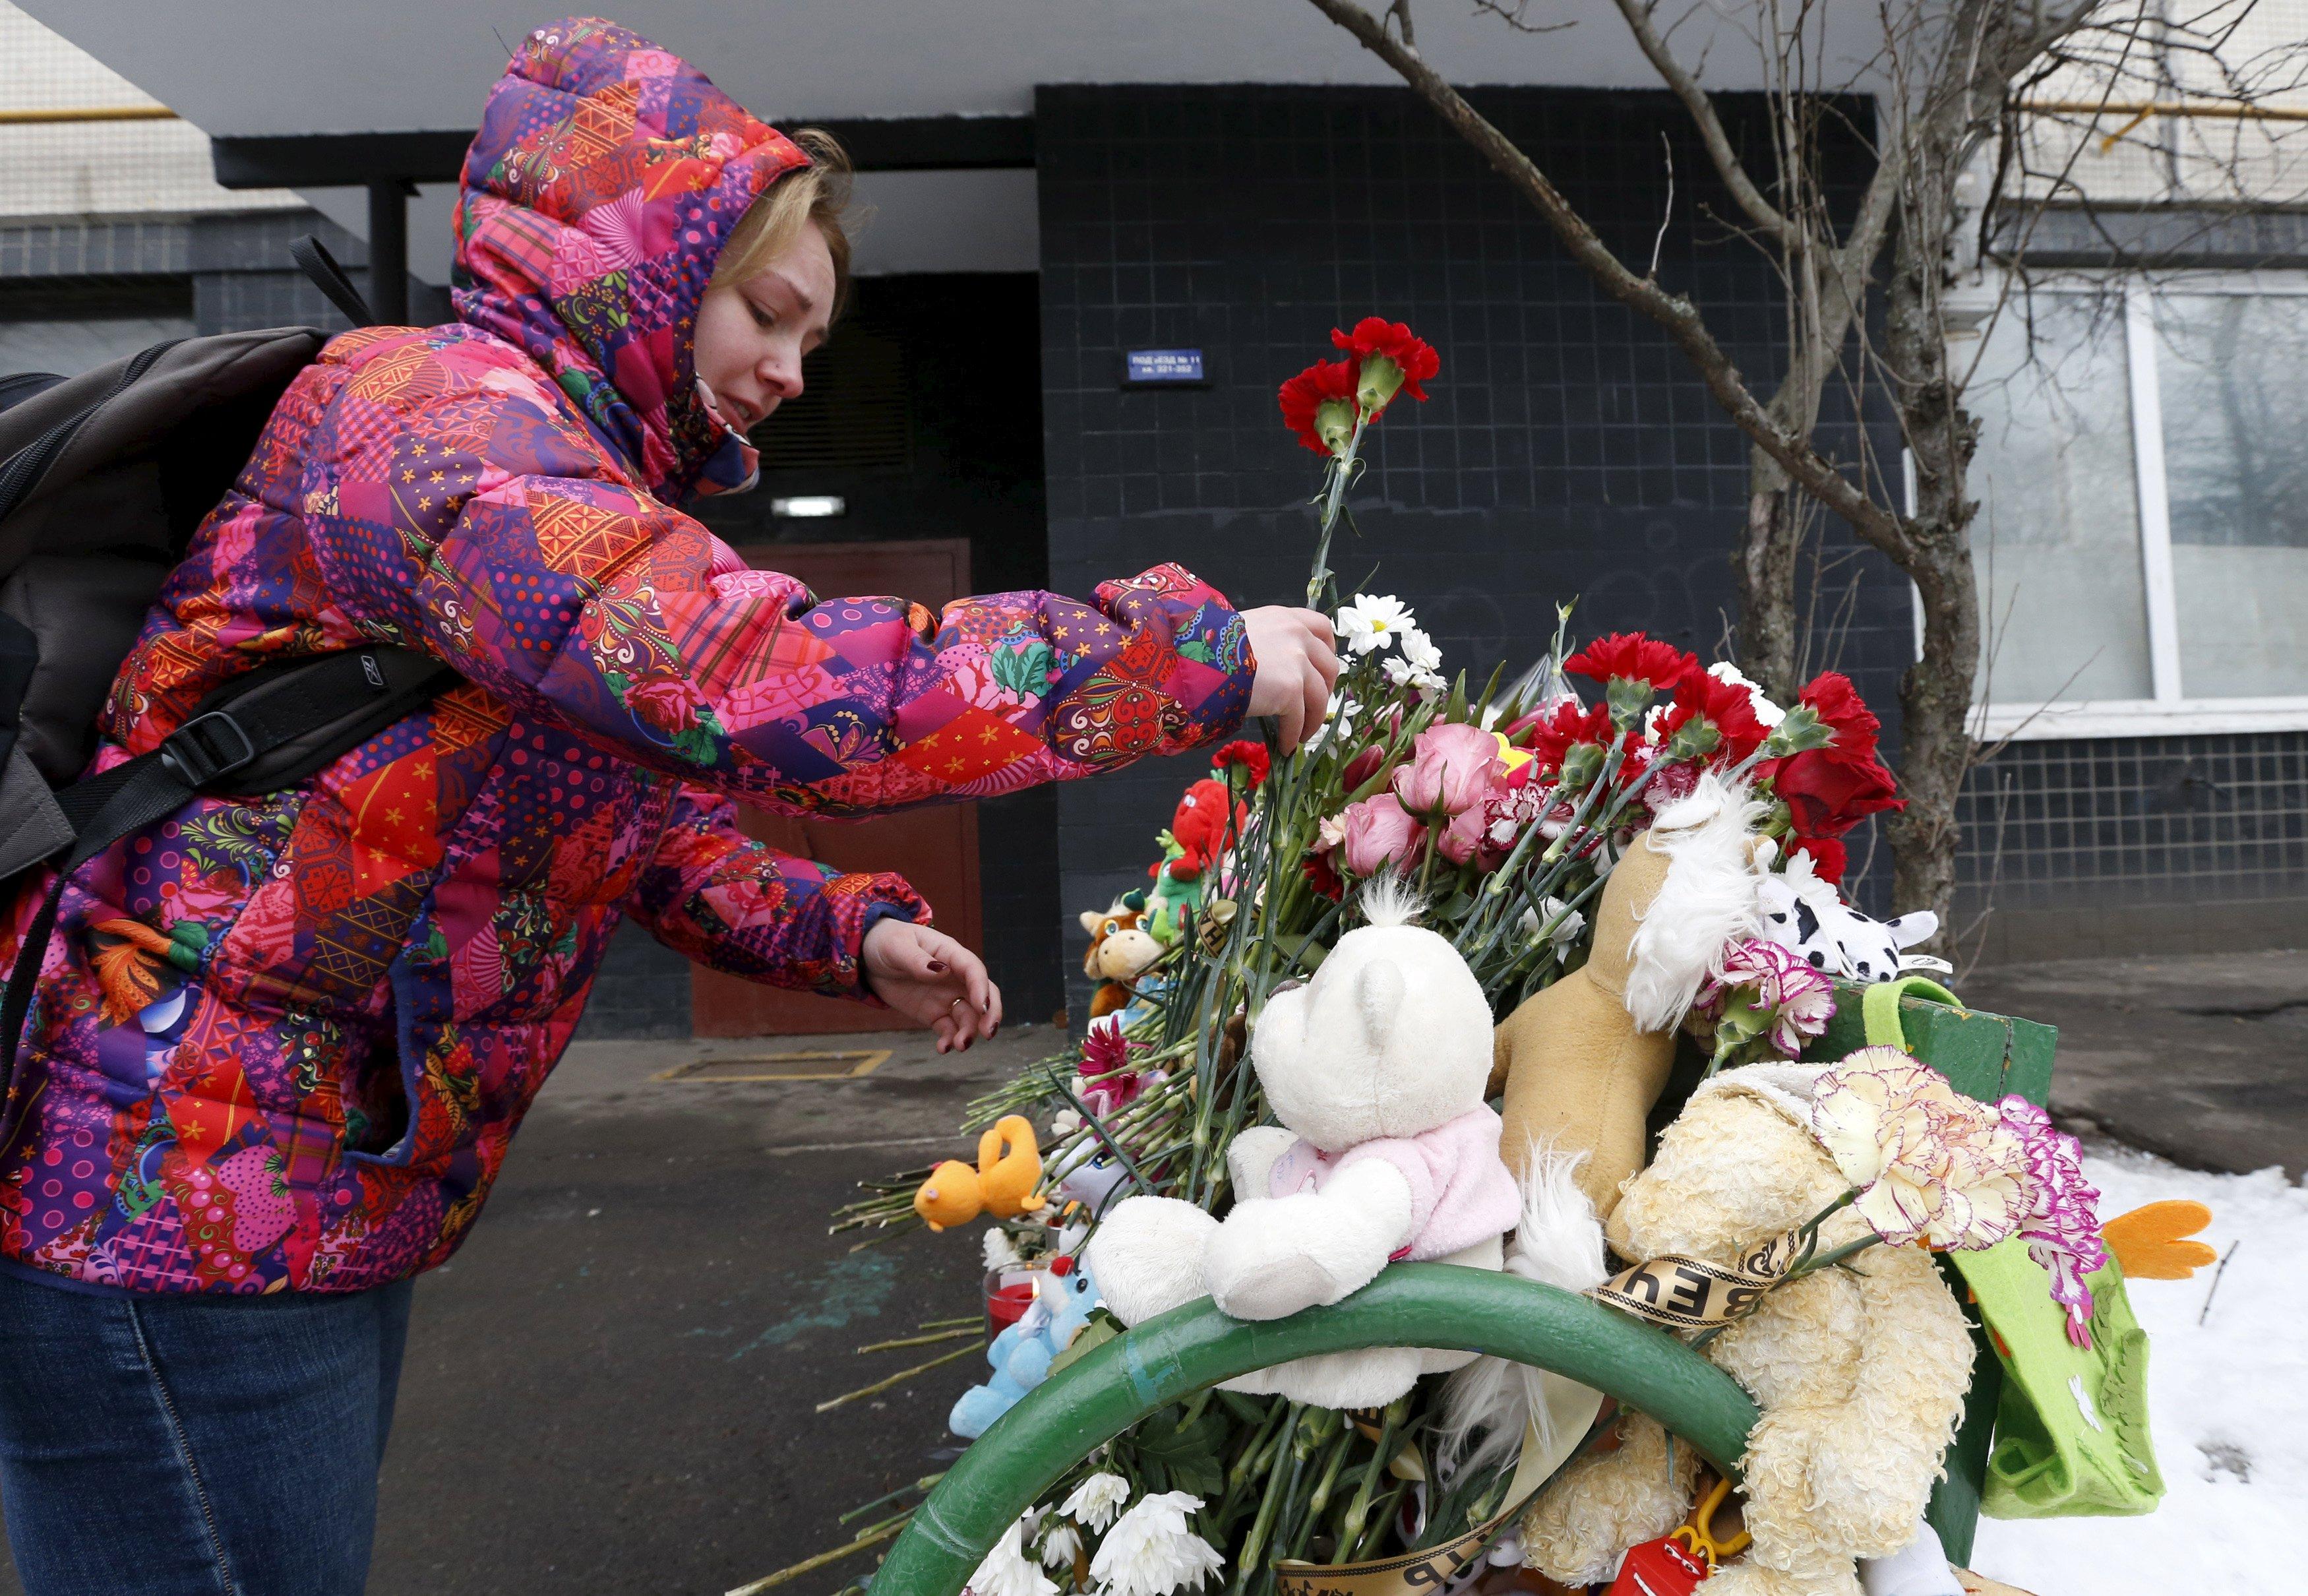 Mosca, arrestata la babysitter che decapitò una bimba: si cercano i complici